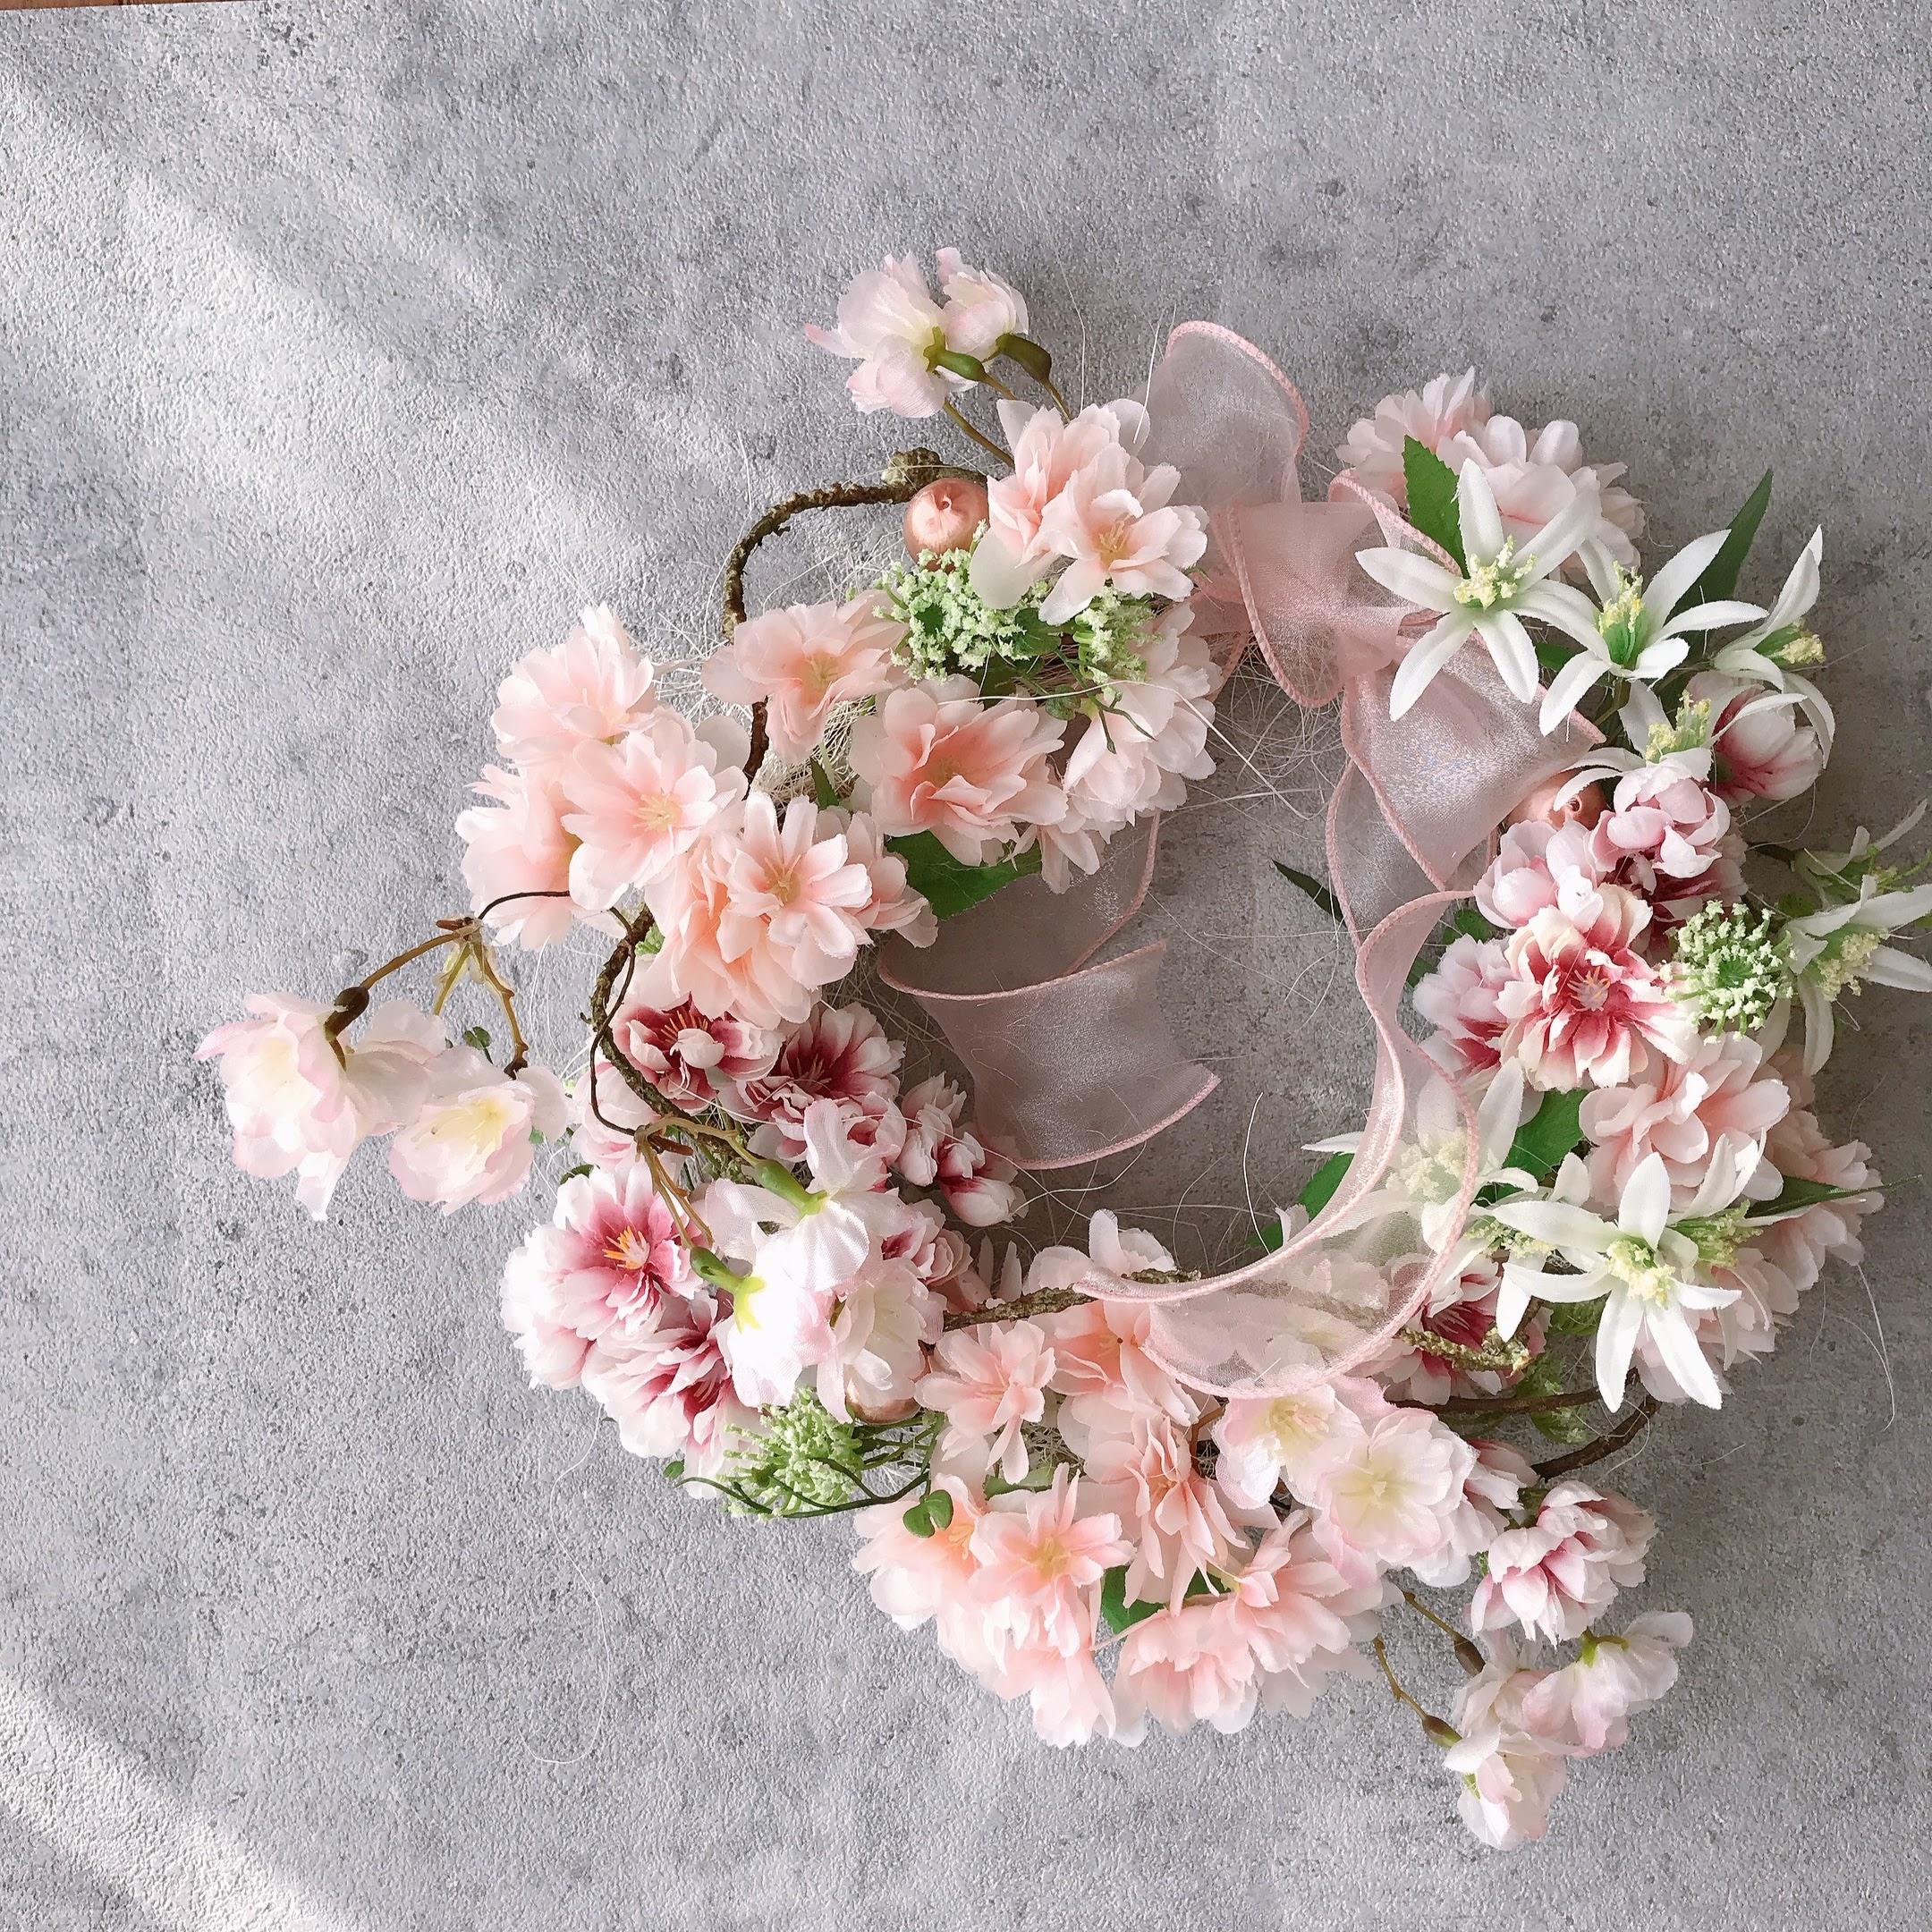 桜並木の壁掛けリース